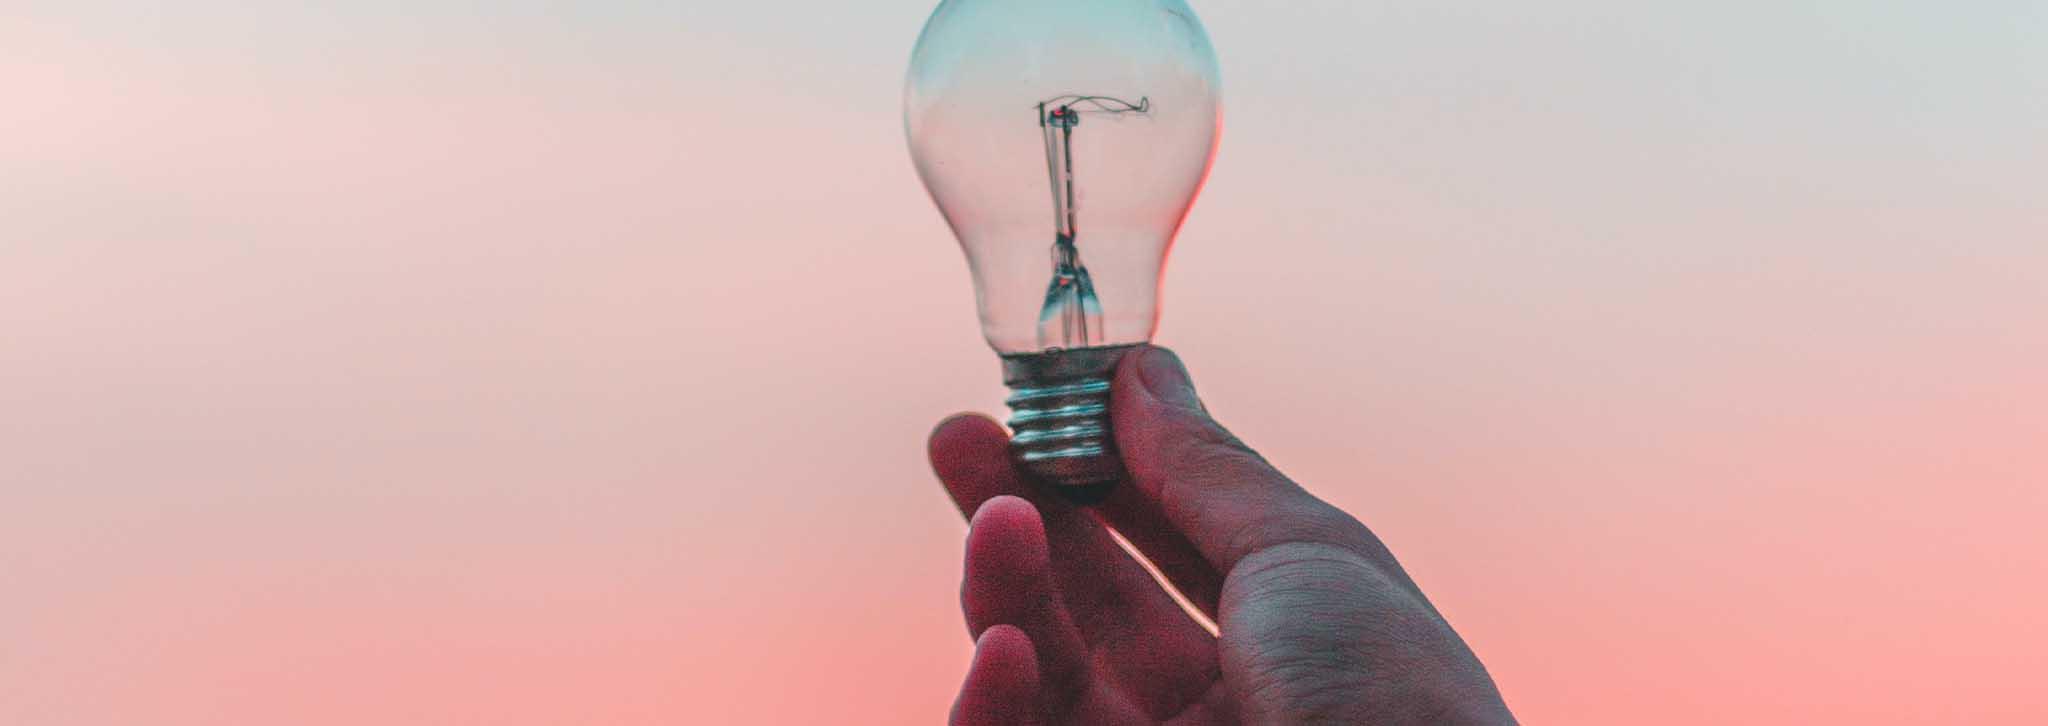 Eine Glühbirne. Sie steht gier für erhellenden Inhalt, denn darauf kommt es an im Internet.